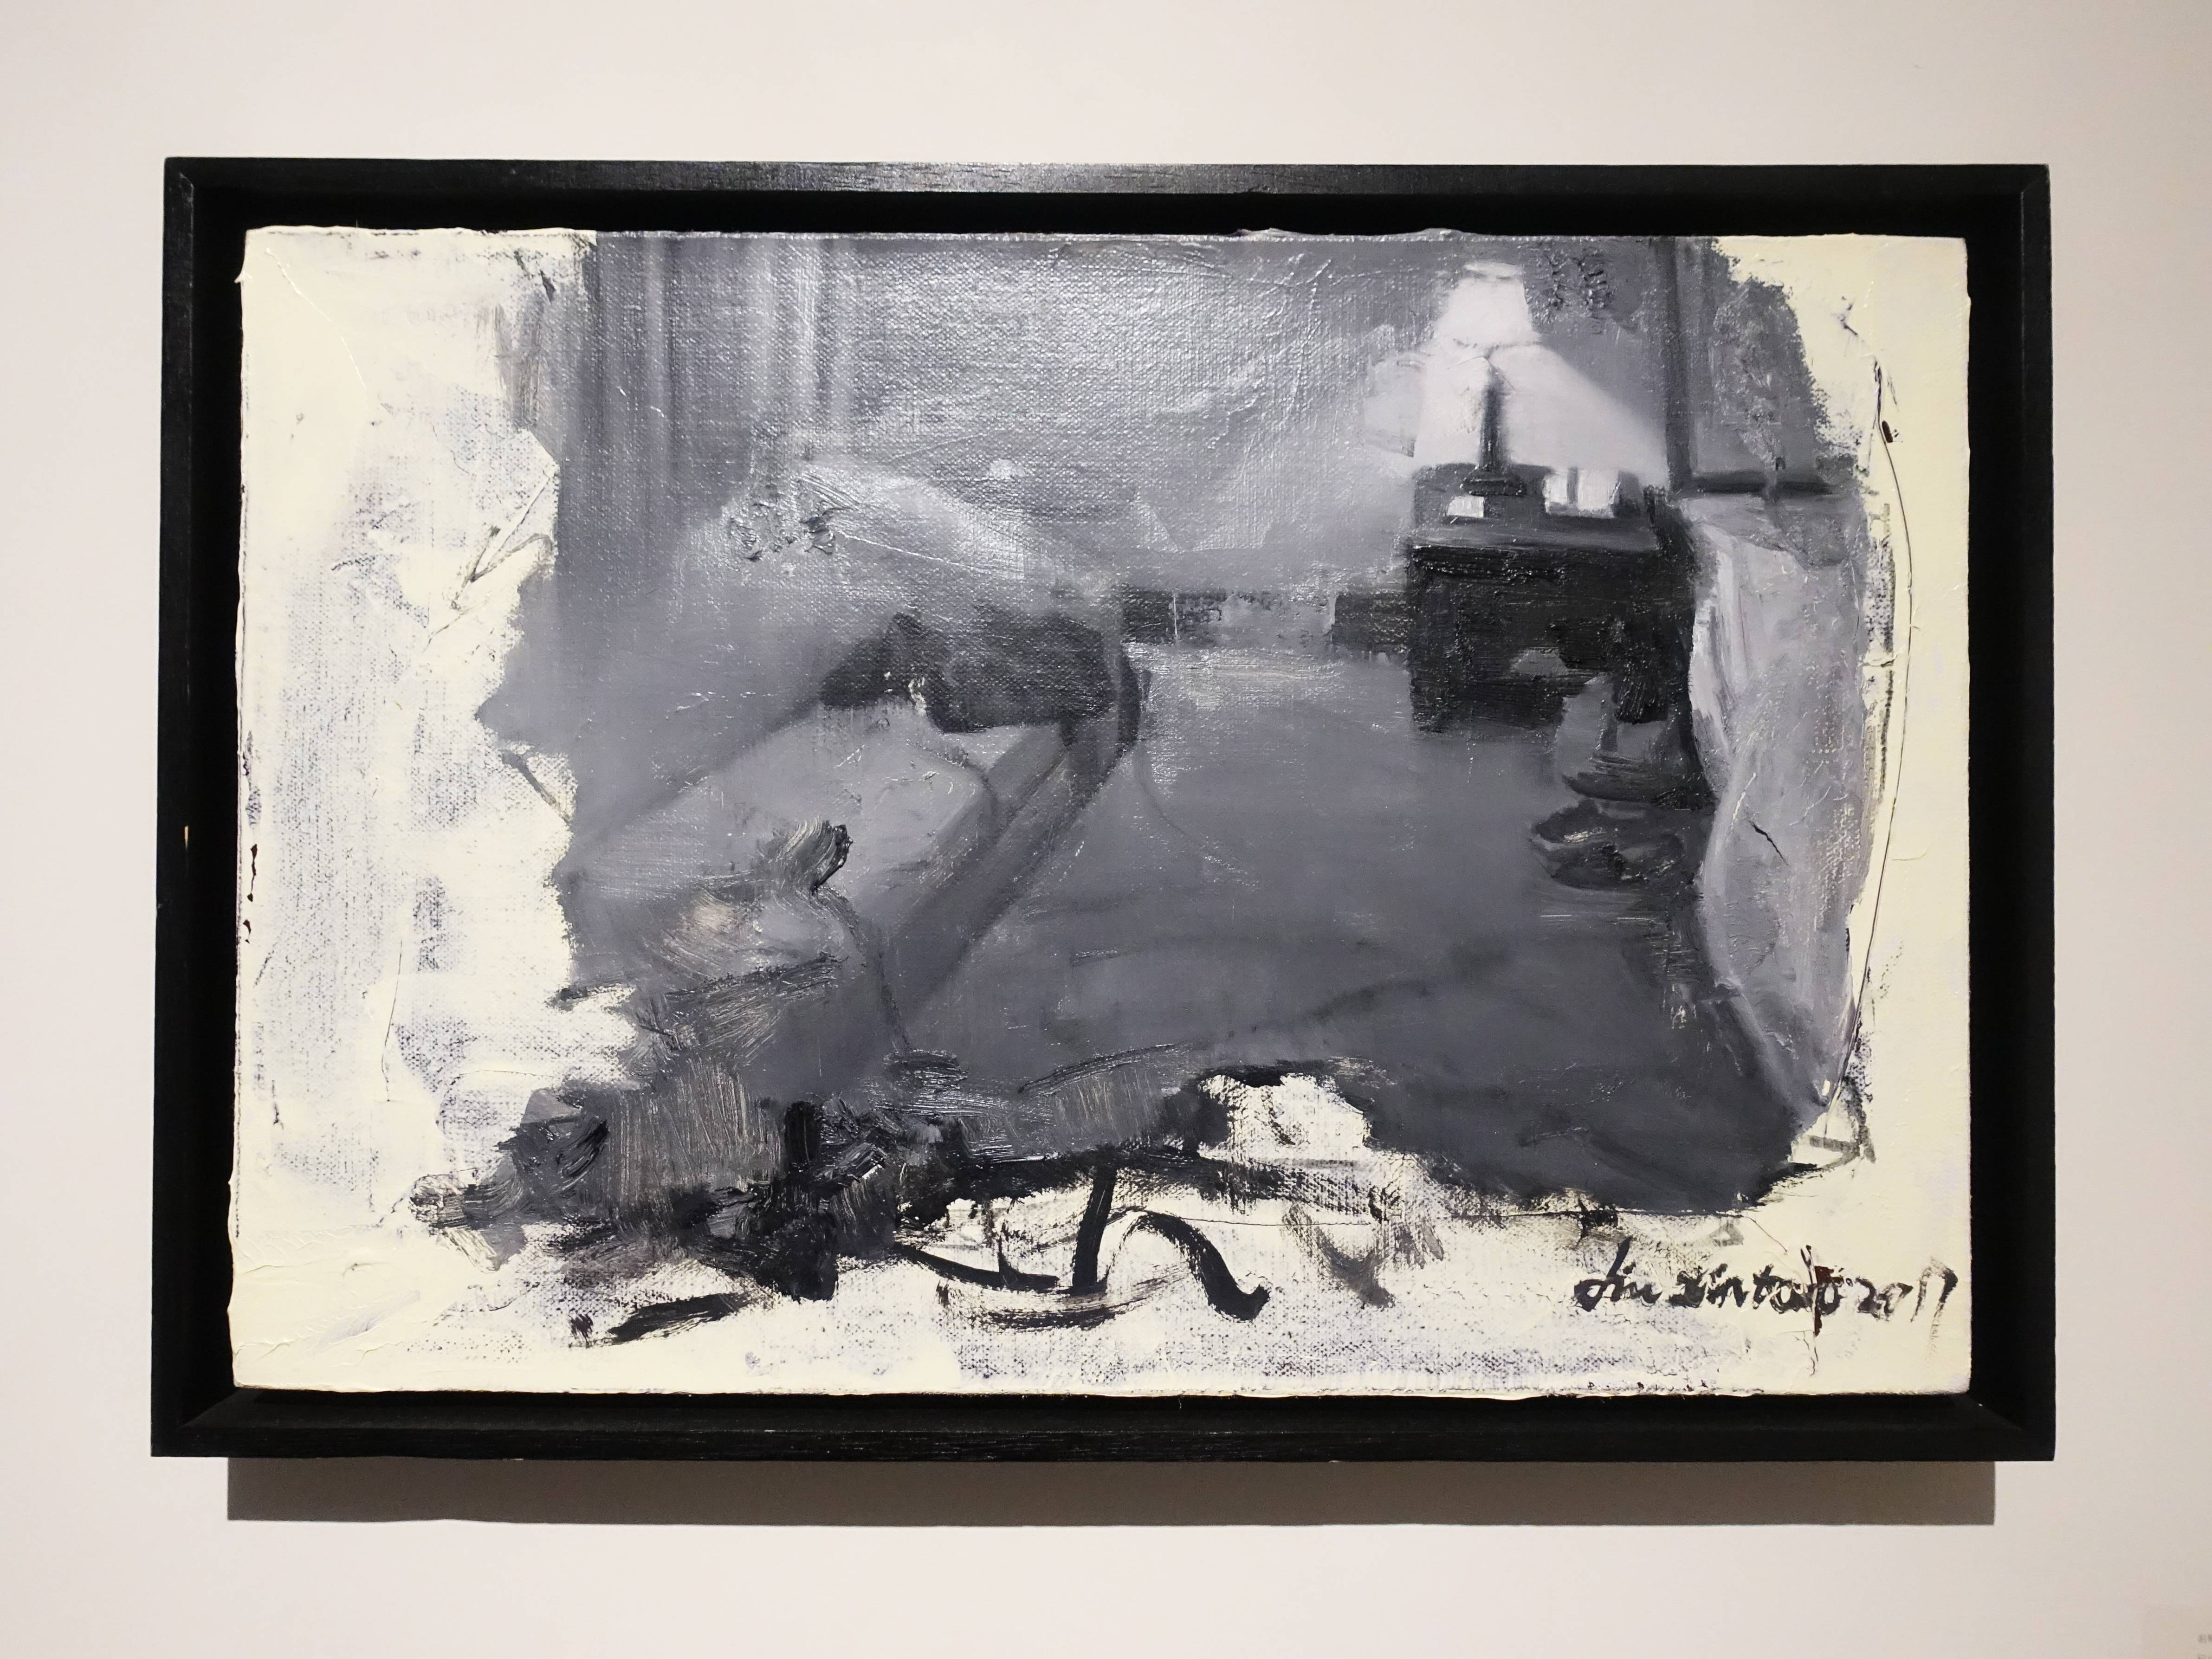 劉芯濤,《賓館》,40 x 60 cm,布面油畫,2017。